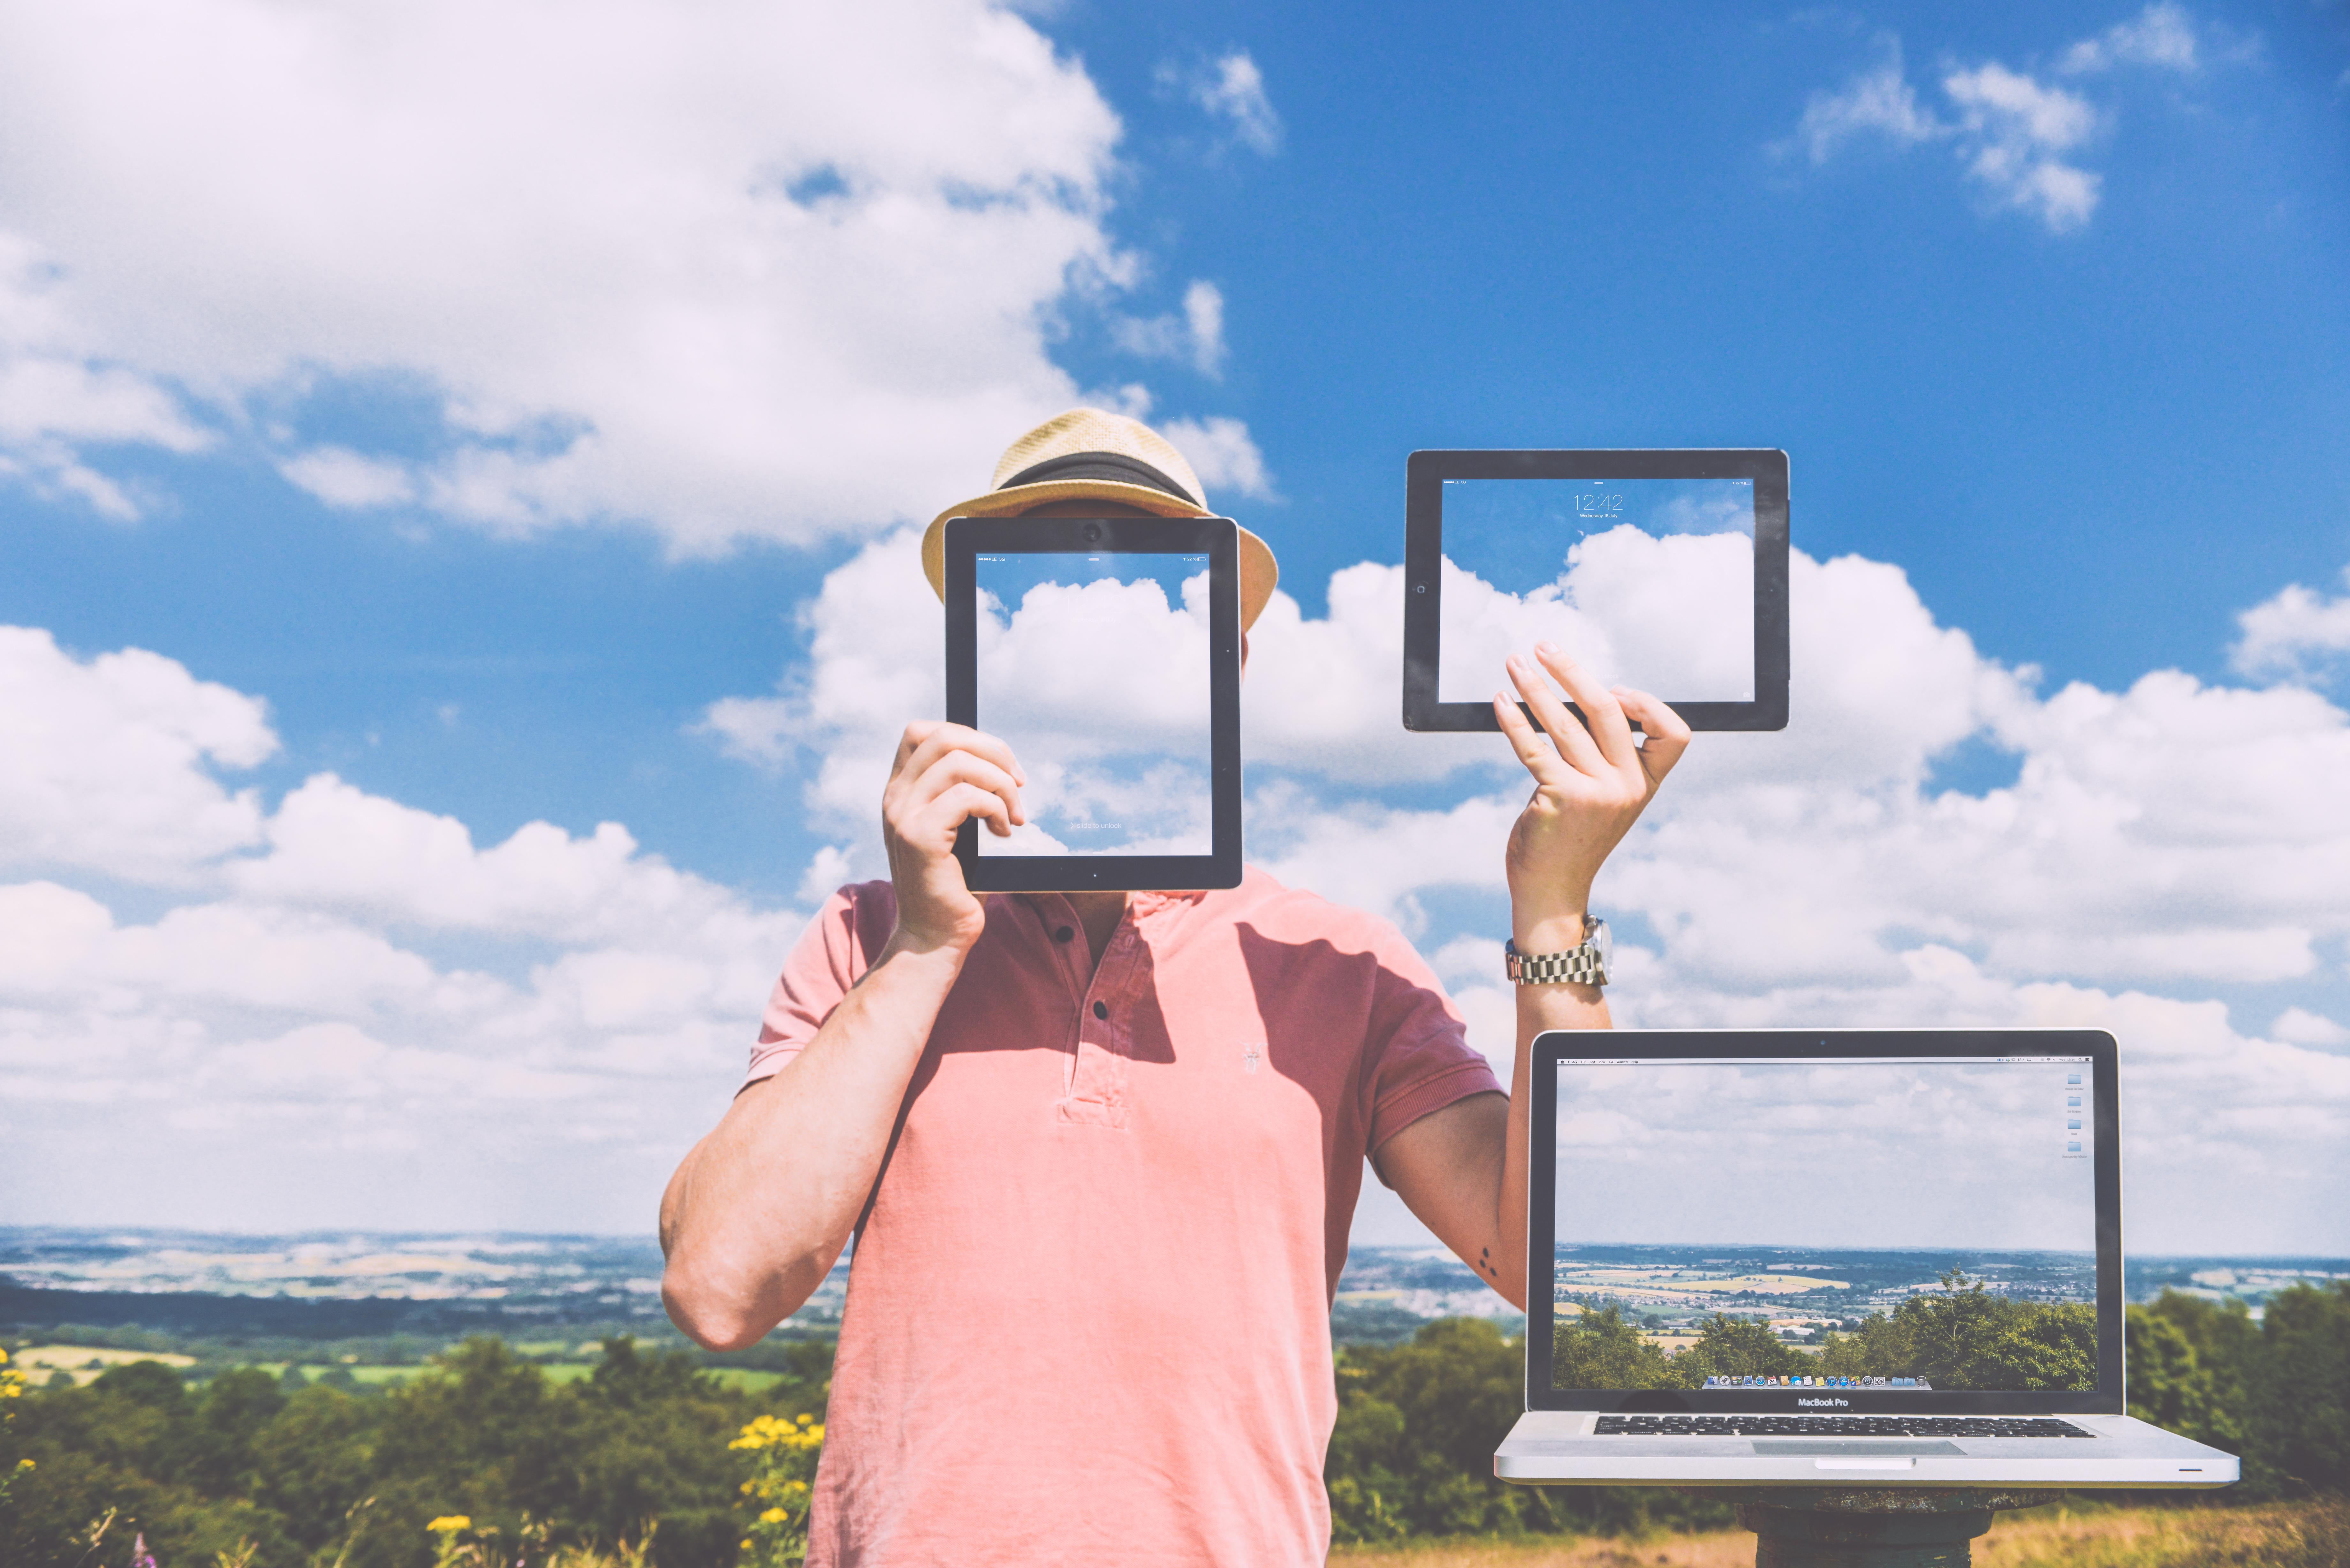 webbredaktör på halvtid sökes